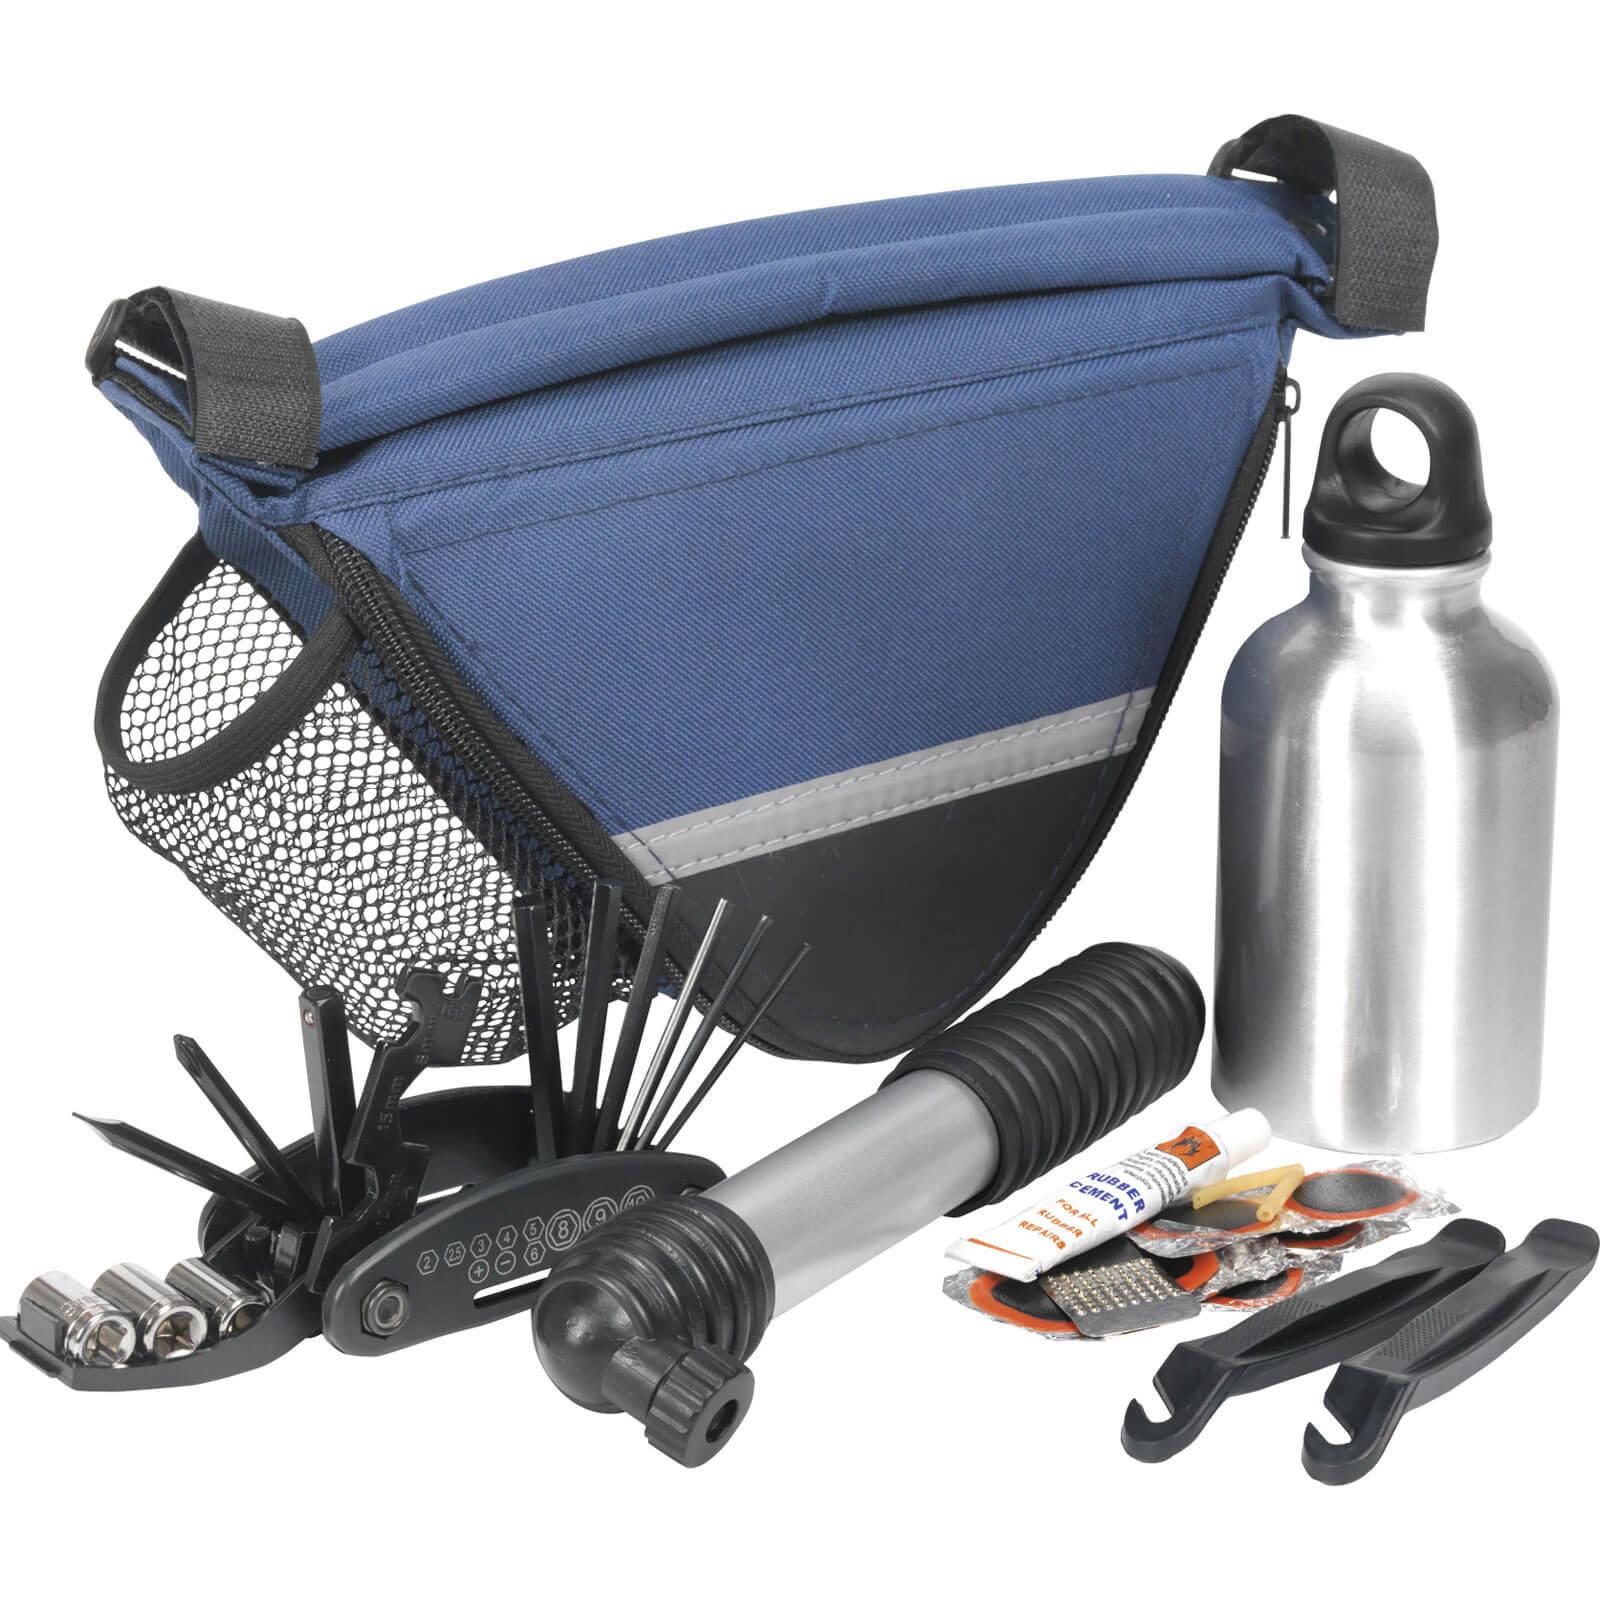 Image of Sealey BC211 Bicycle Repair Kit